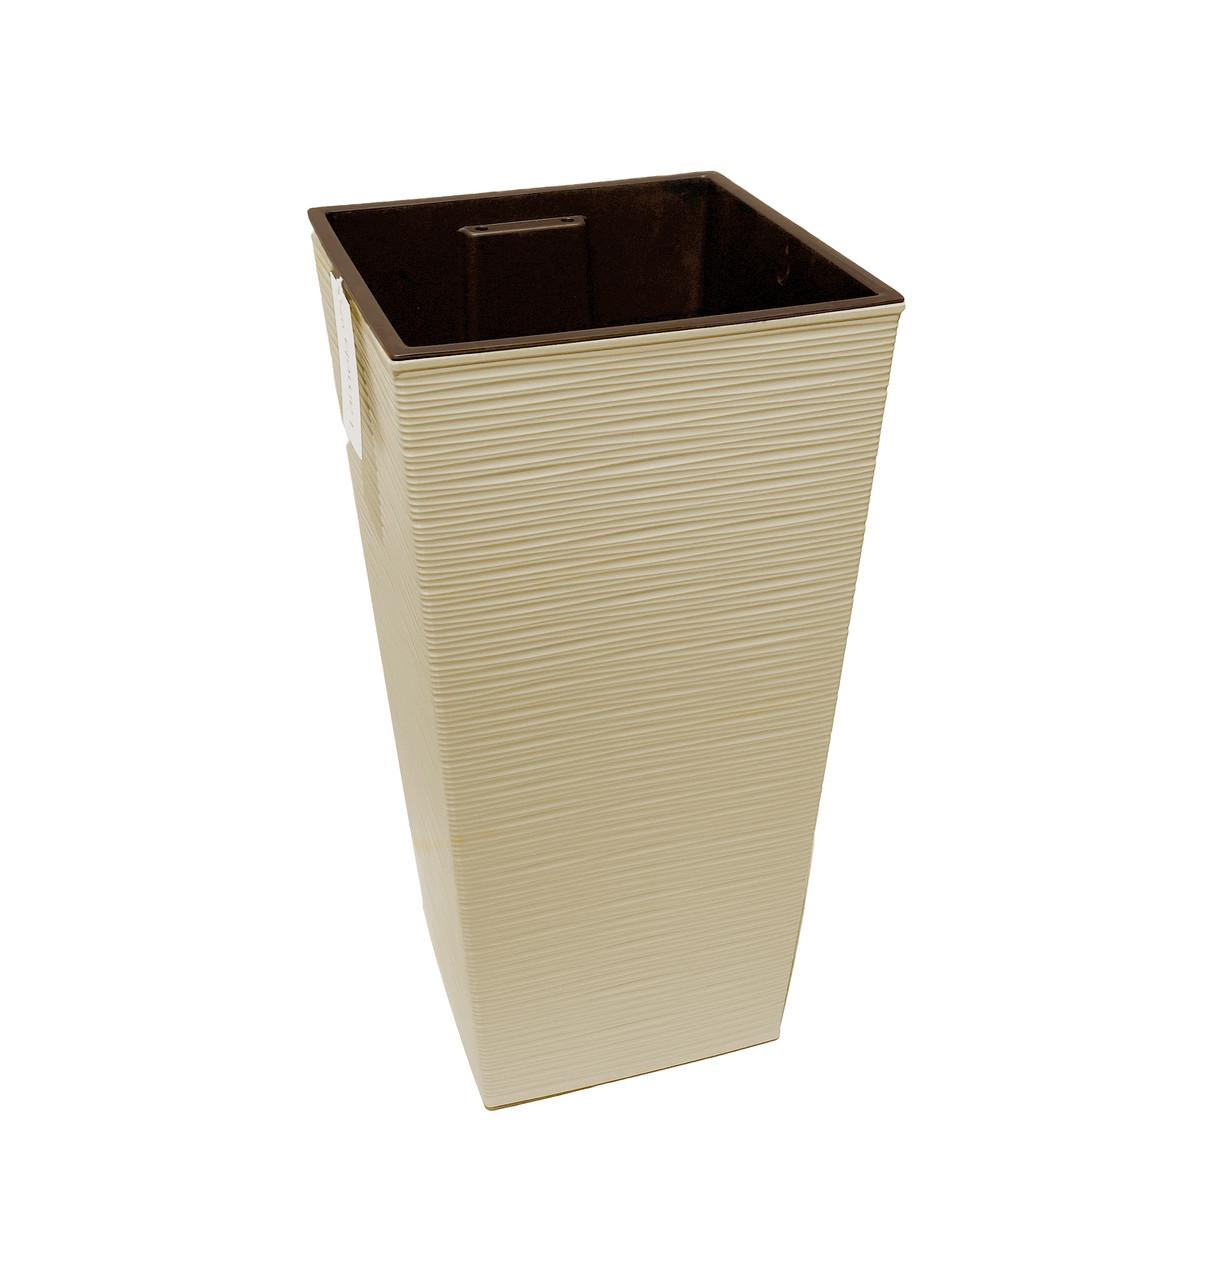 Кашпо декоративное напольное Ламела Финезия ДОЛОТО кремовый 300х300х570